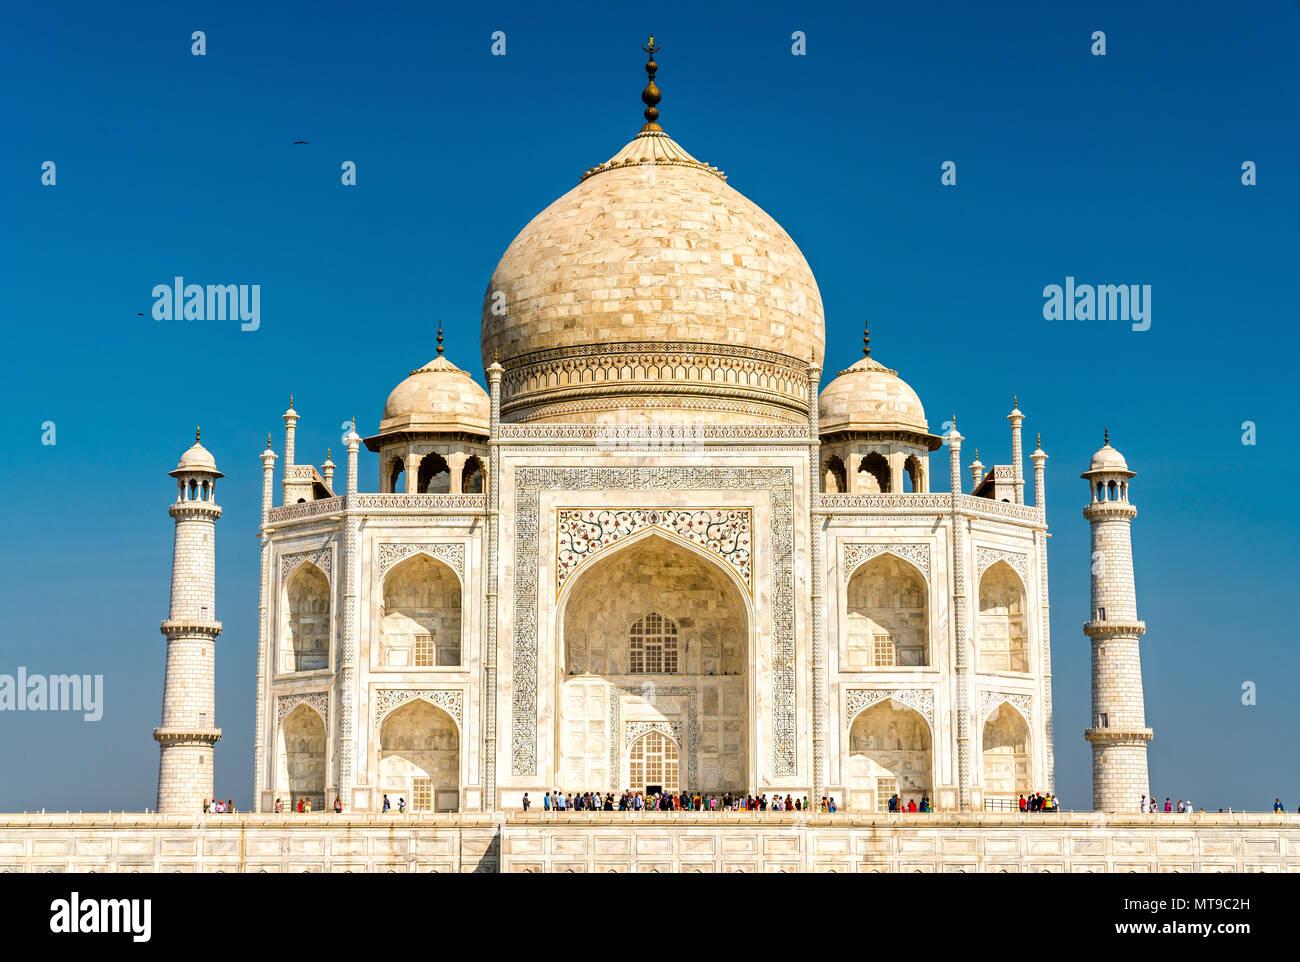 El Taj Mahal, el monumento más famoso de la India. Agra - Uttar Pradesh Imagen De Stock